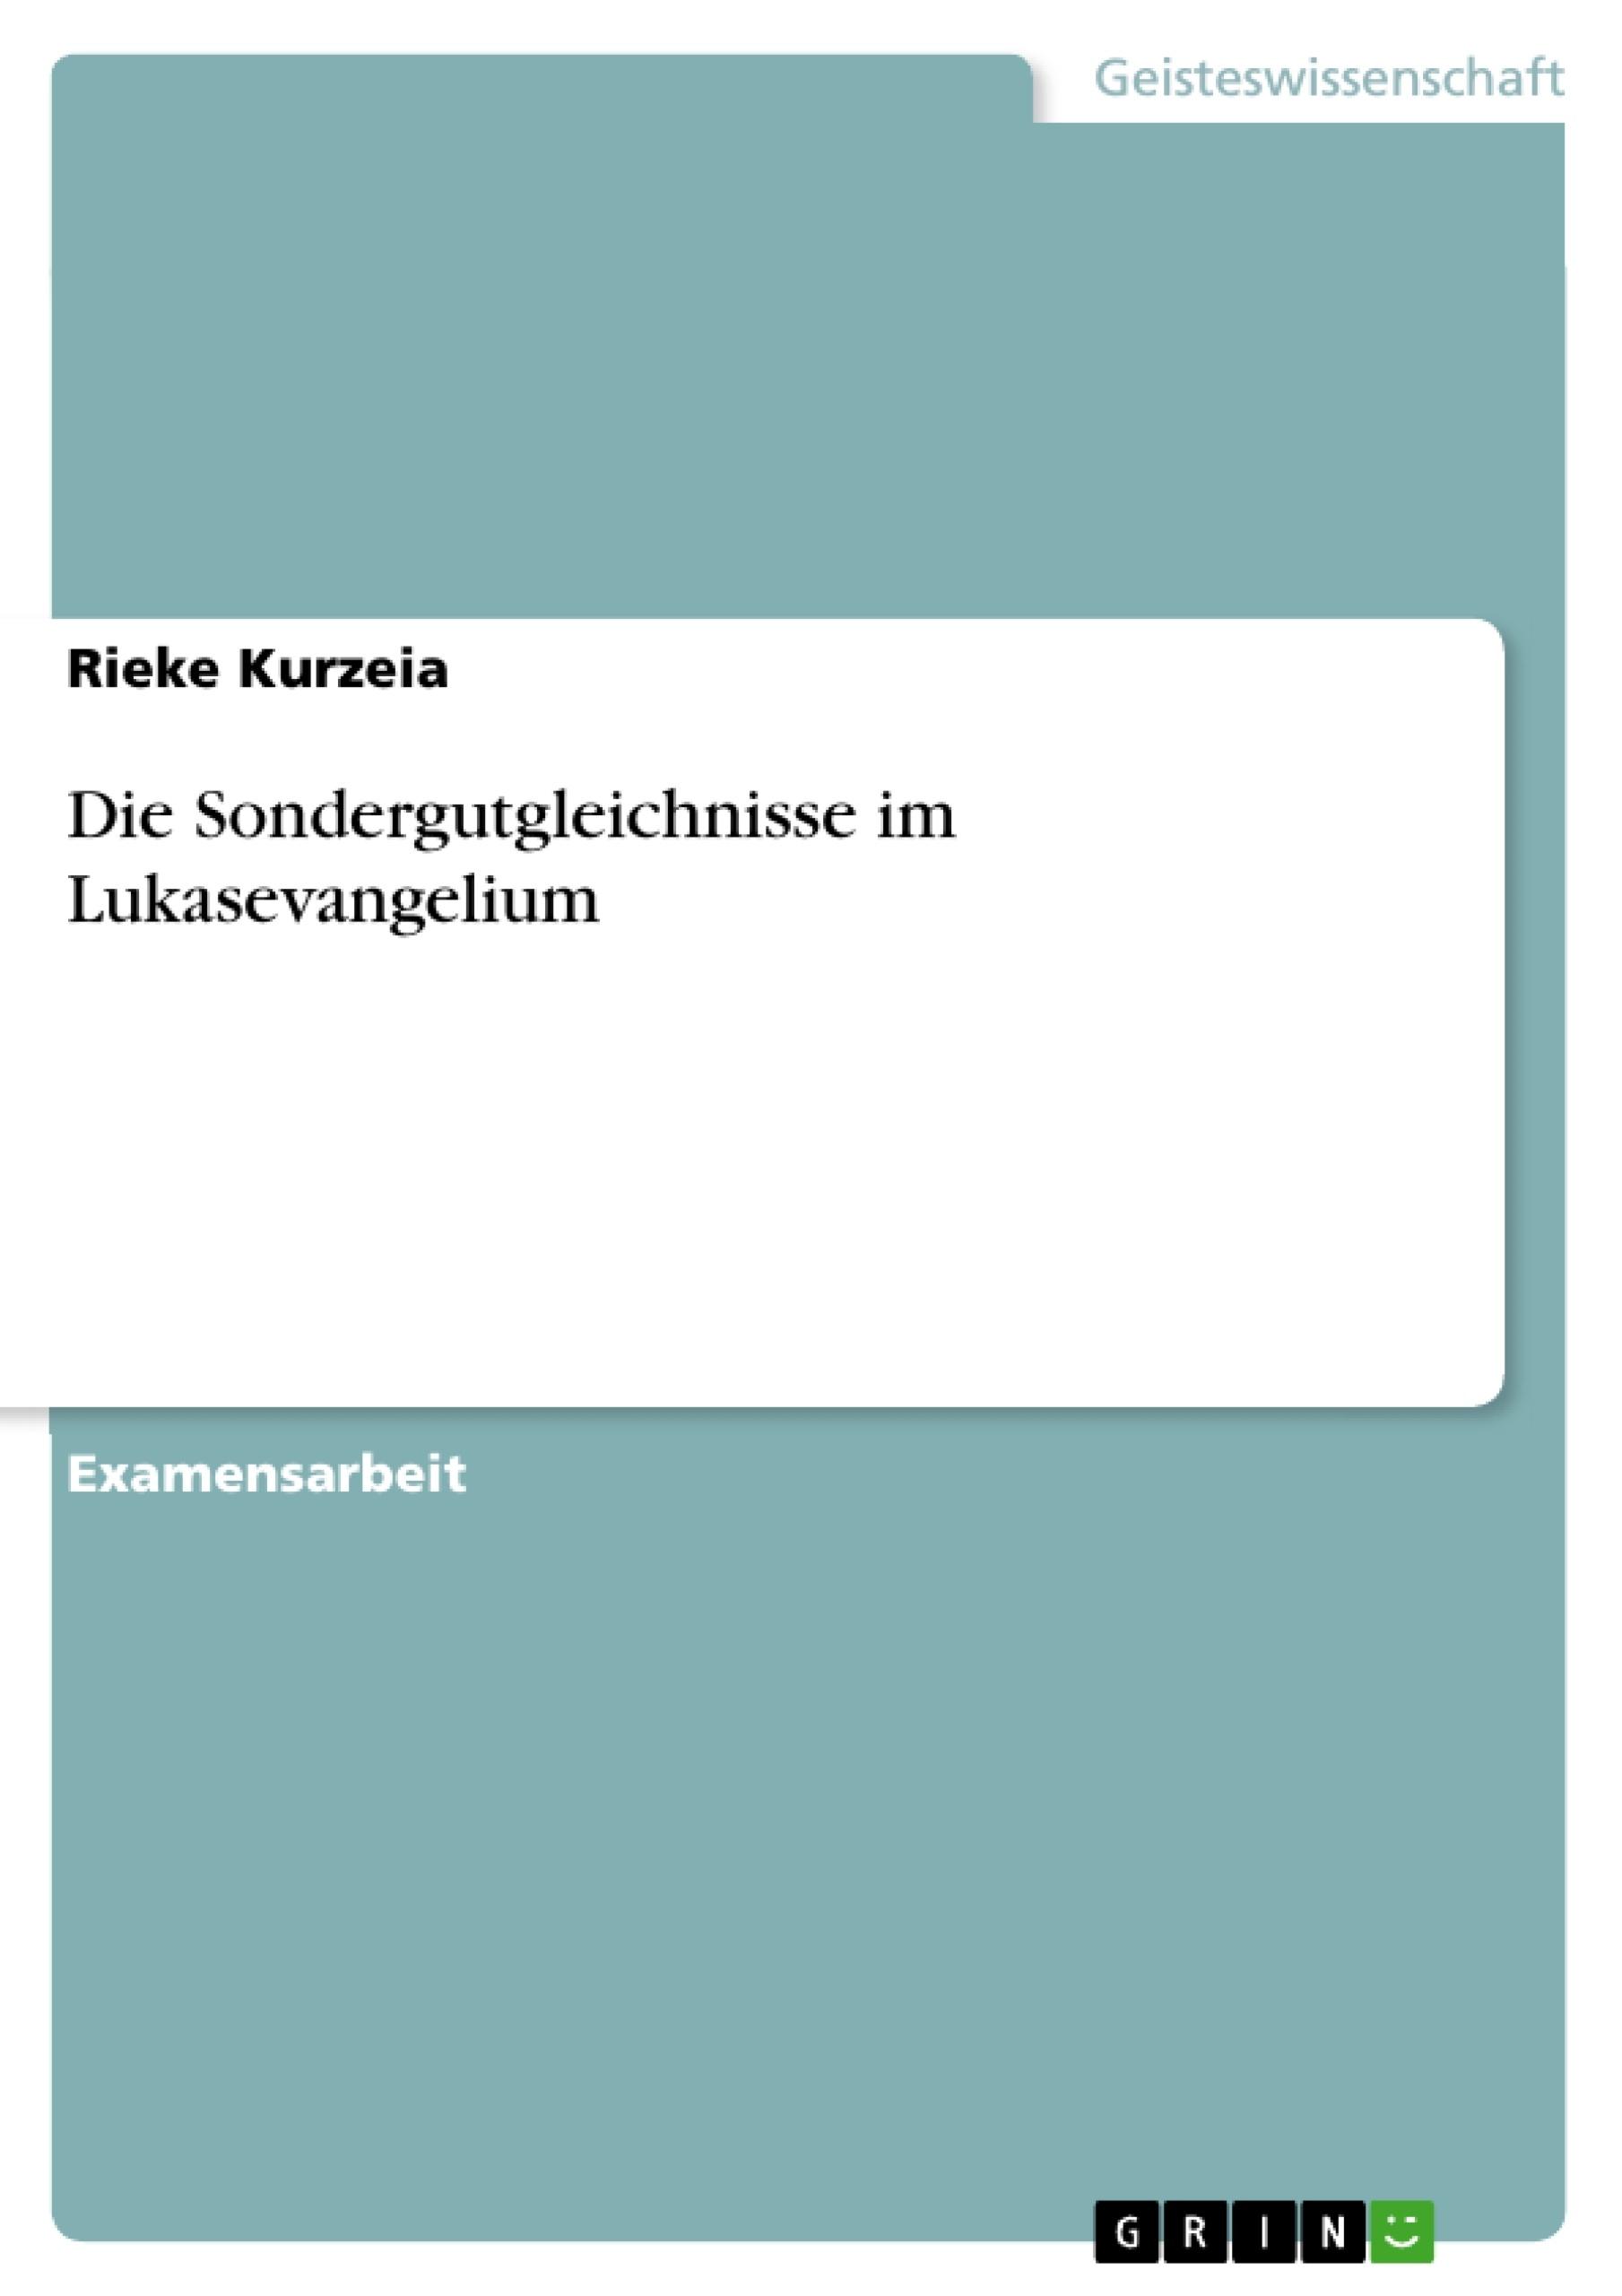 Titel: Die Sondergutgleichnisse im Lukasevangelium